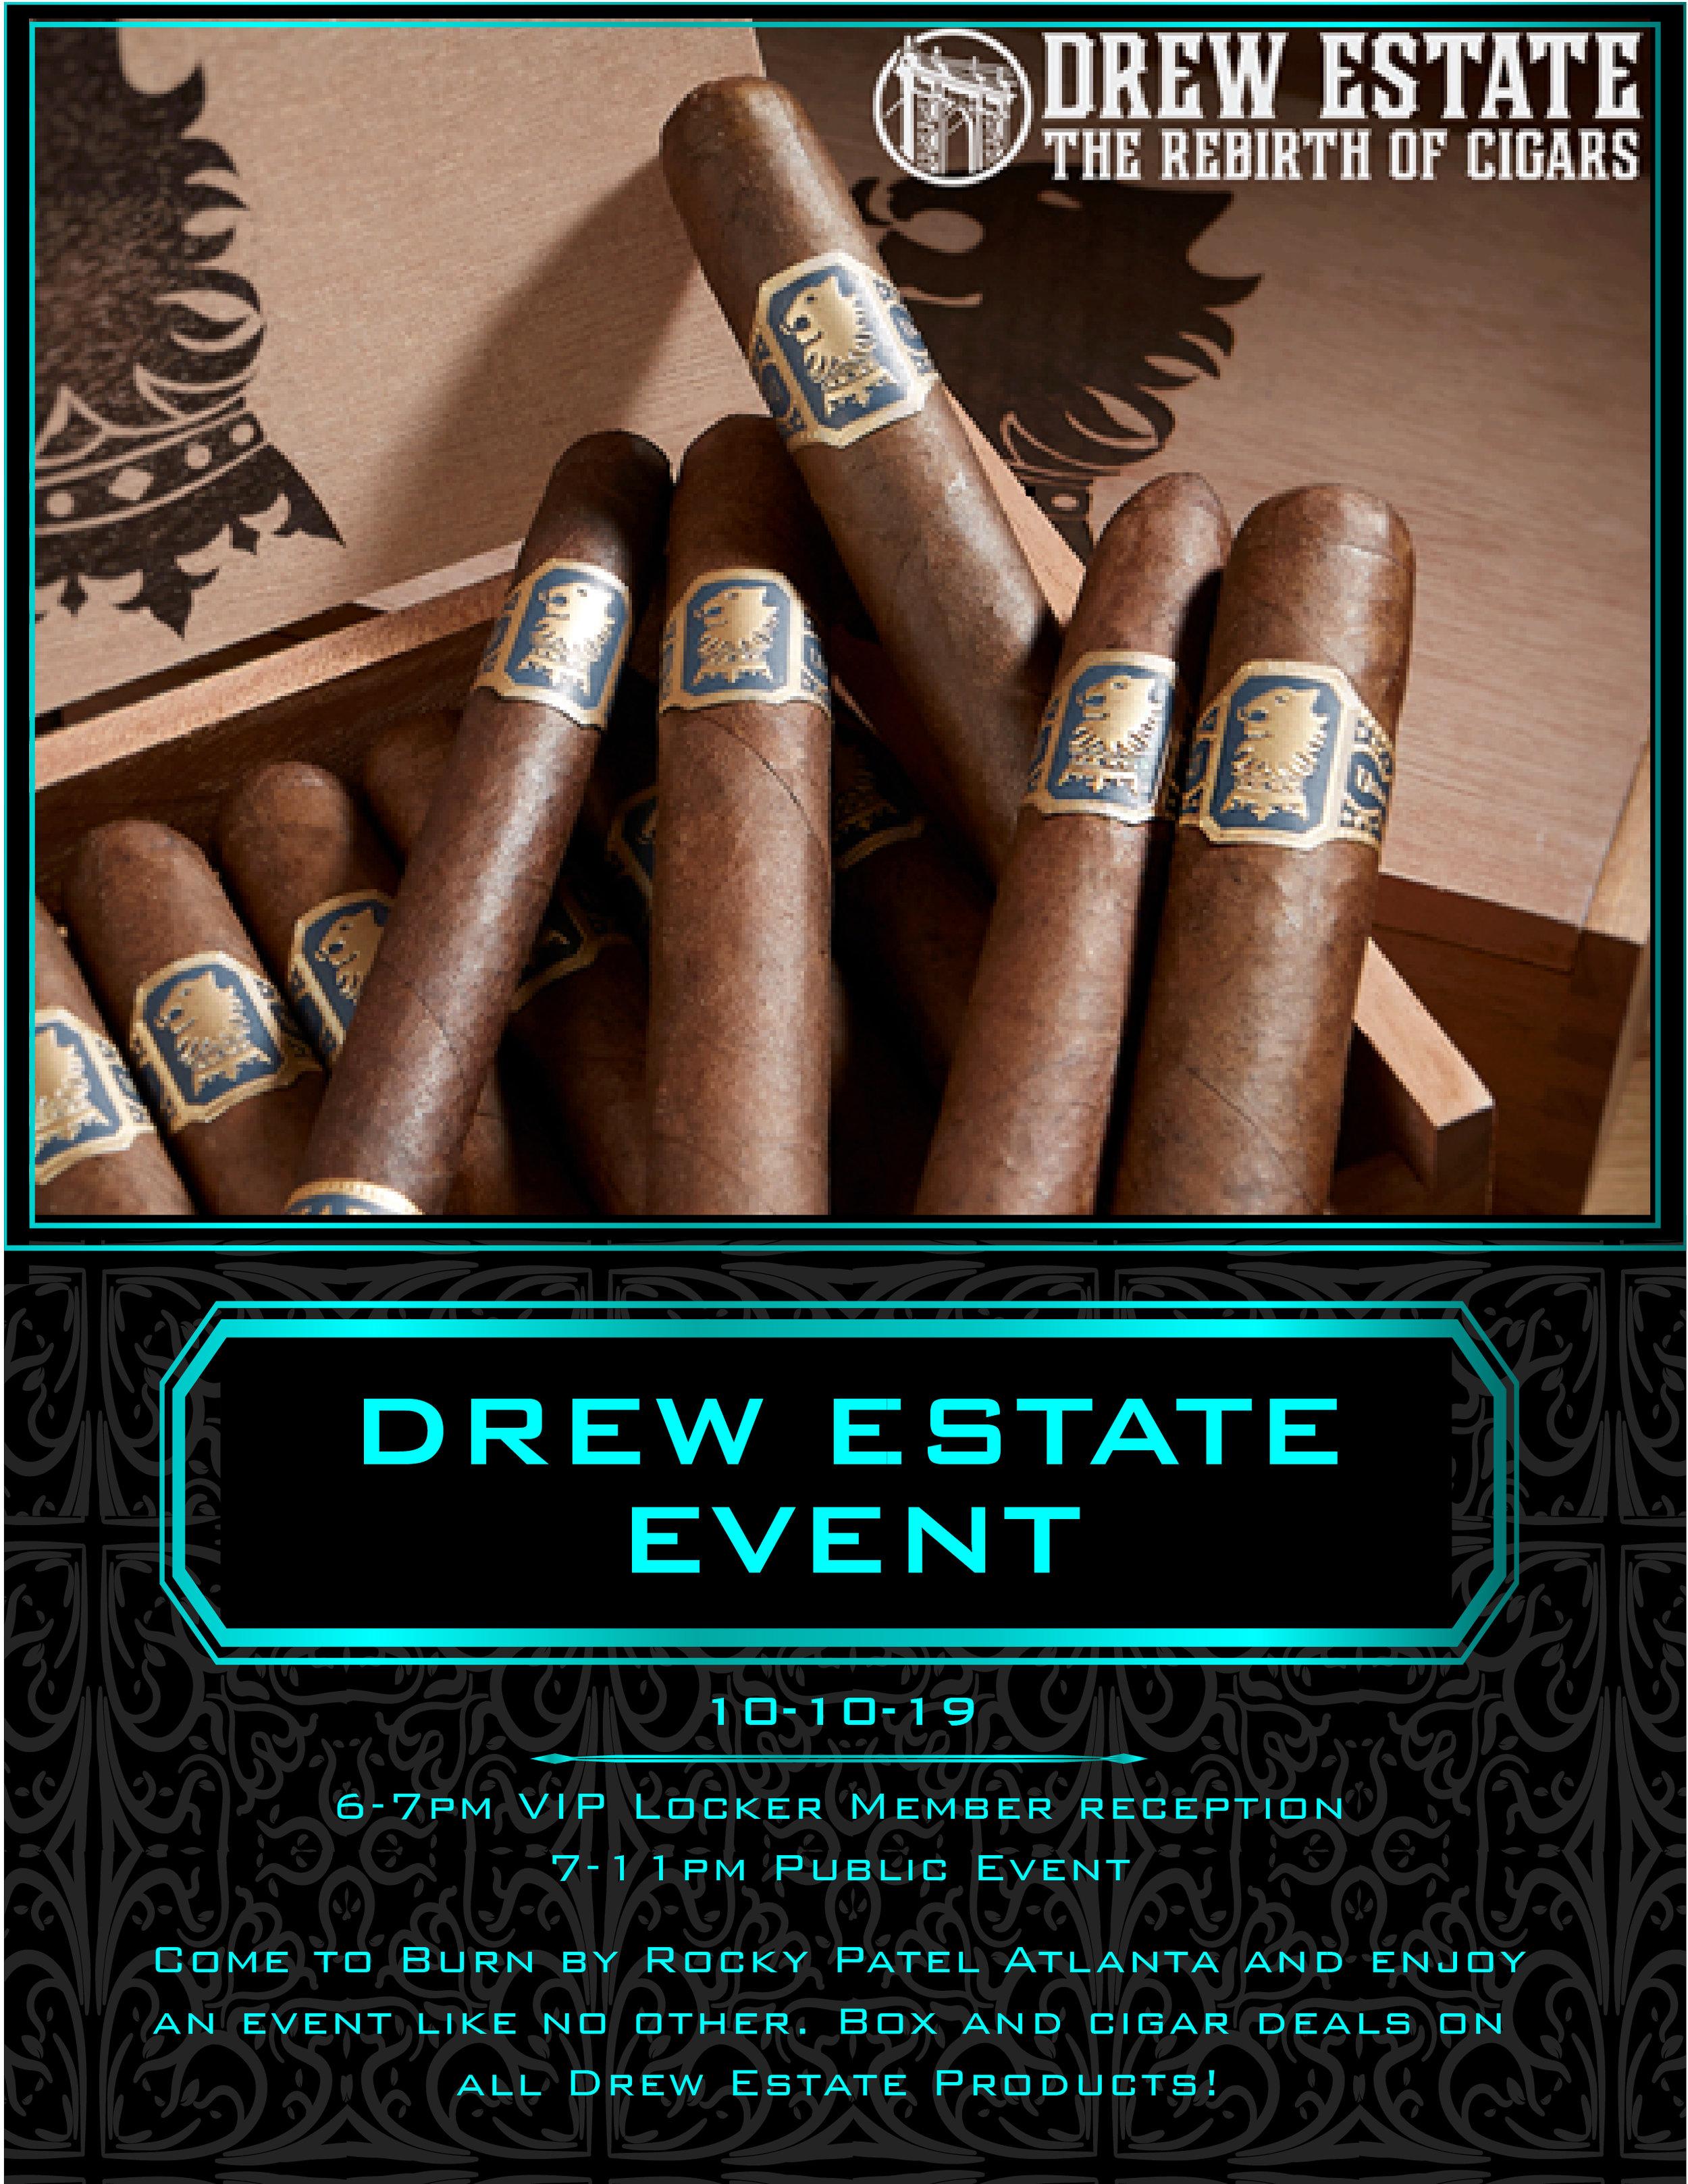 Drew Estate Poster-32-39.jpg